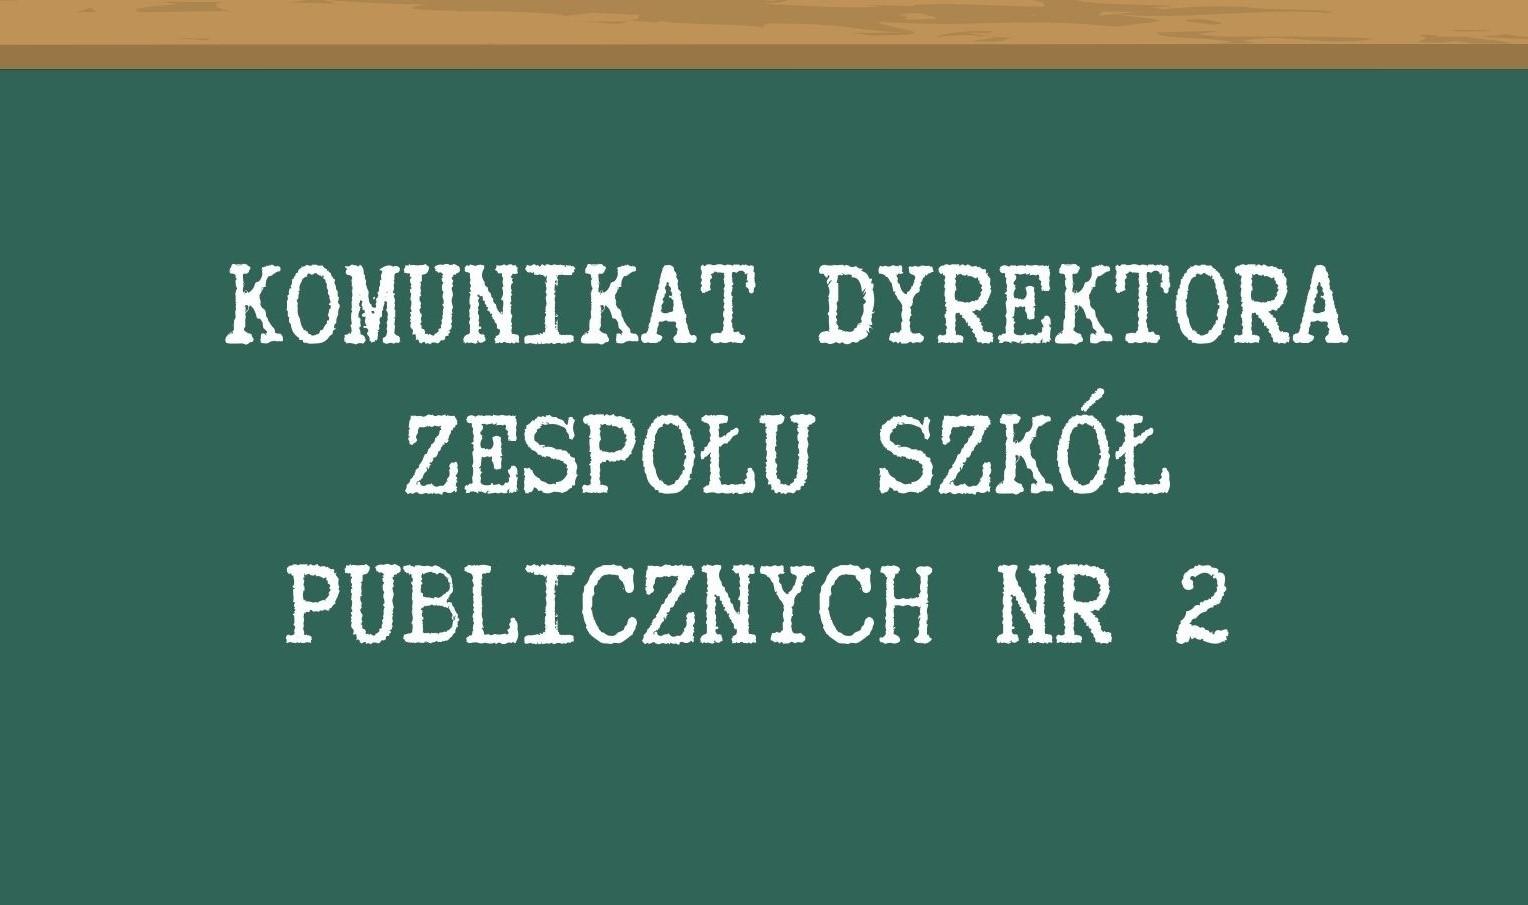 Komunikat Dyrektora Zespołu Szkół Publicznych nr 2